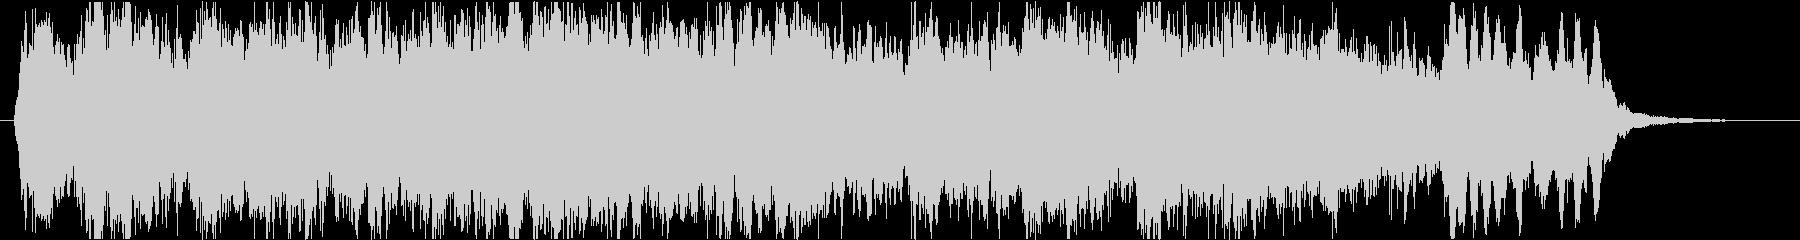 荘厳で本格的な混声四部のコラールの未再生の波形